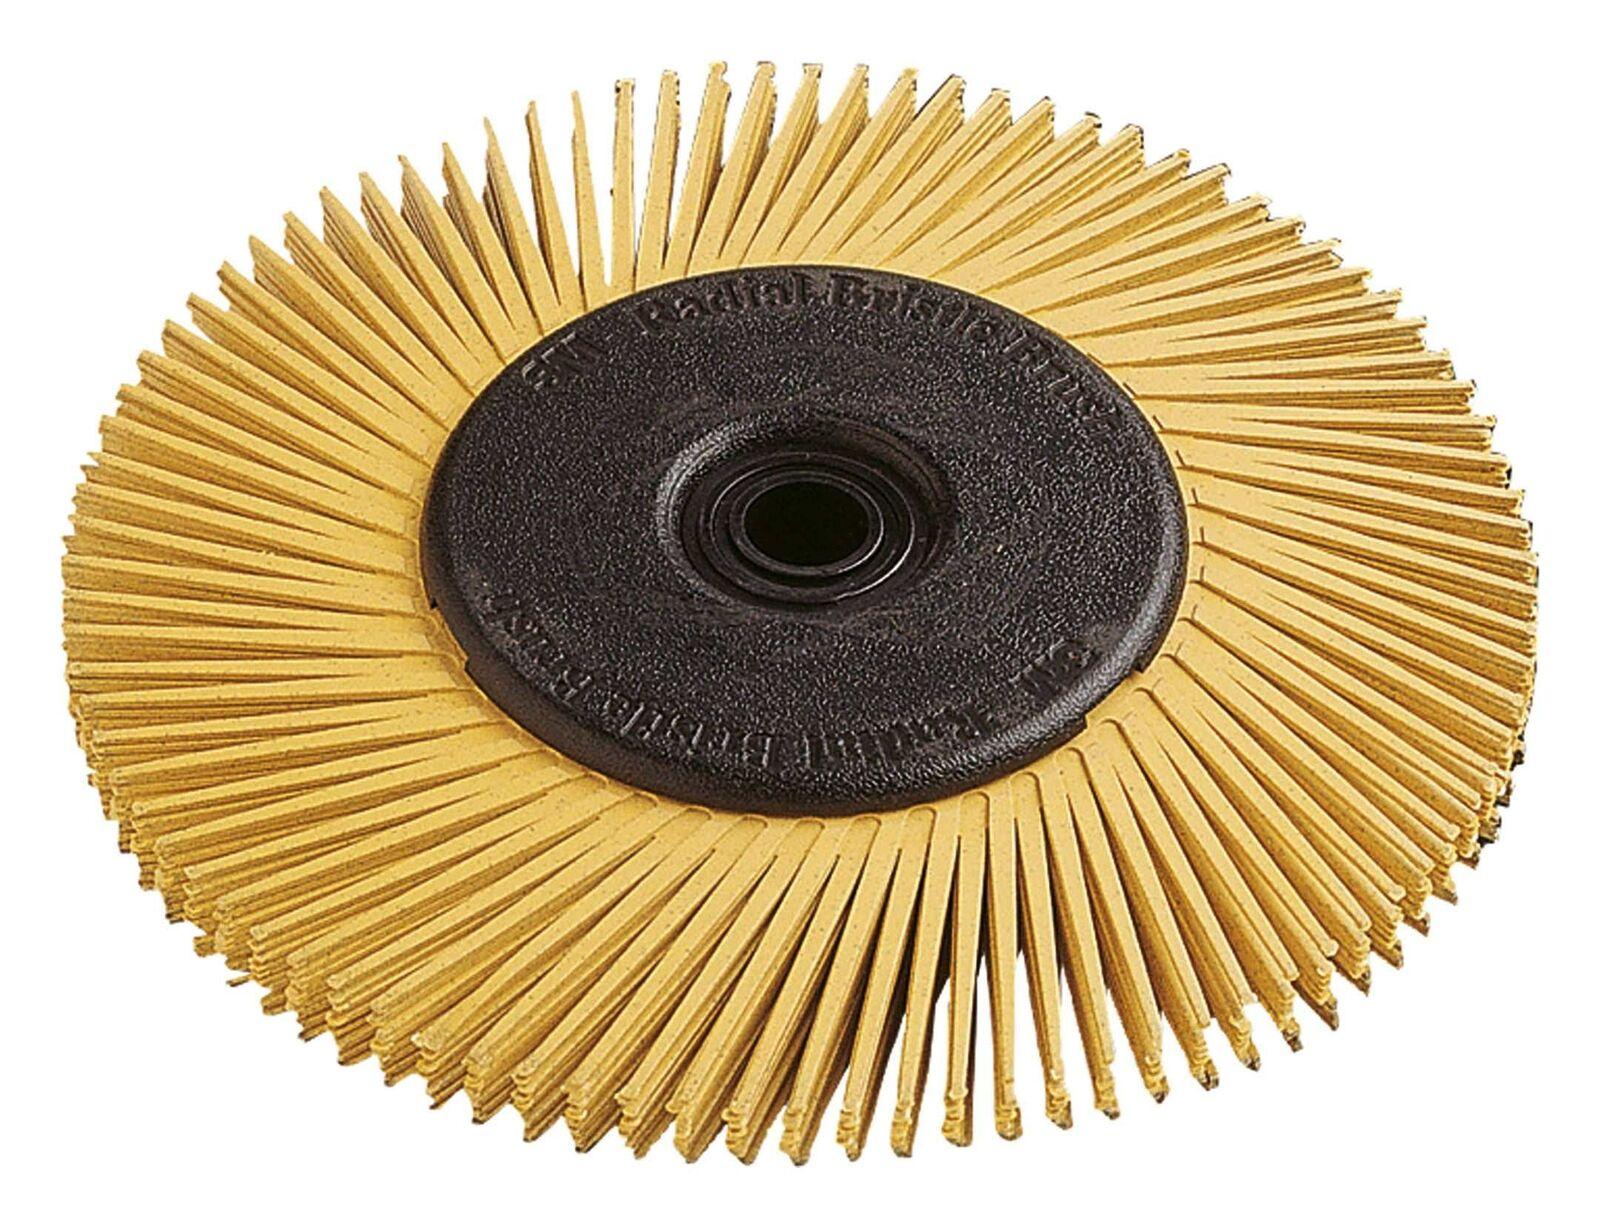 3M Radial Bristle Brush 150x12mm P120weiß TypA - 33212 | Konzentrieren Sie sich auf das Babyleben  | New Product 2019  | Stil  | Komfort